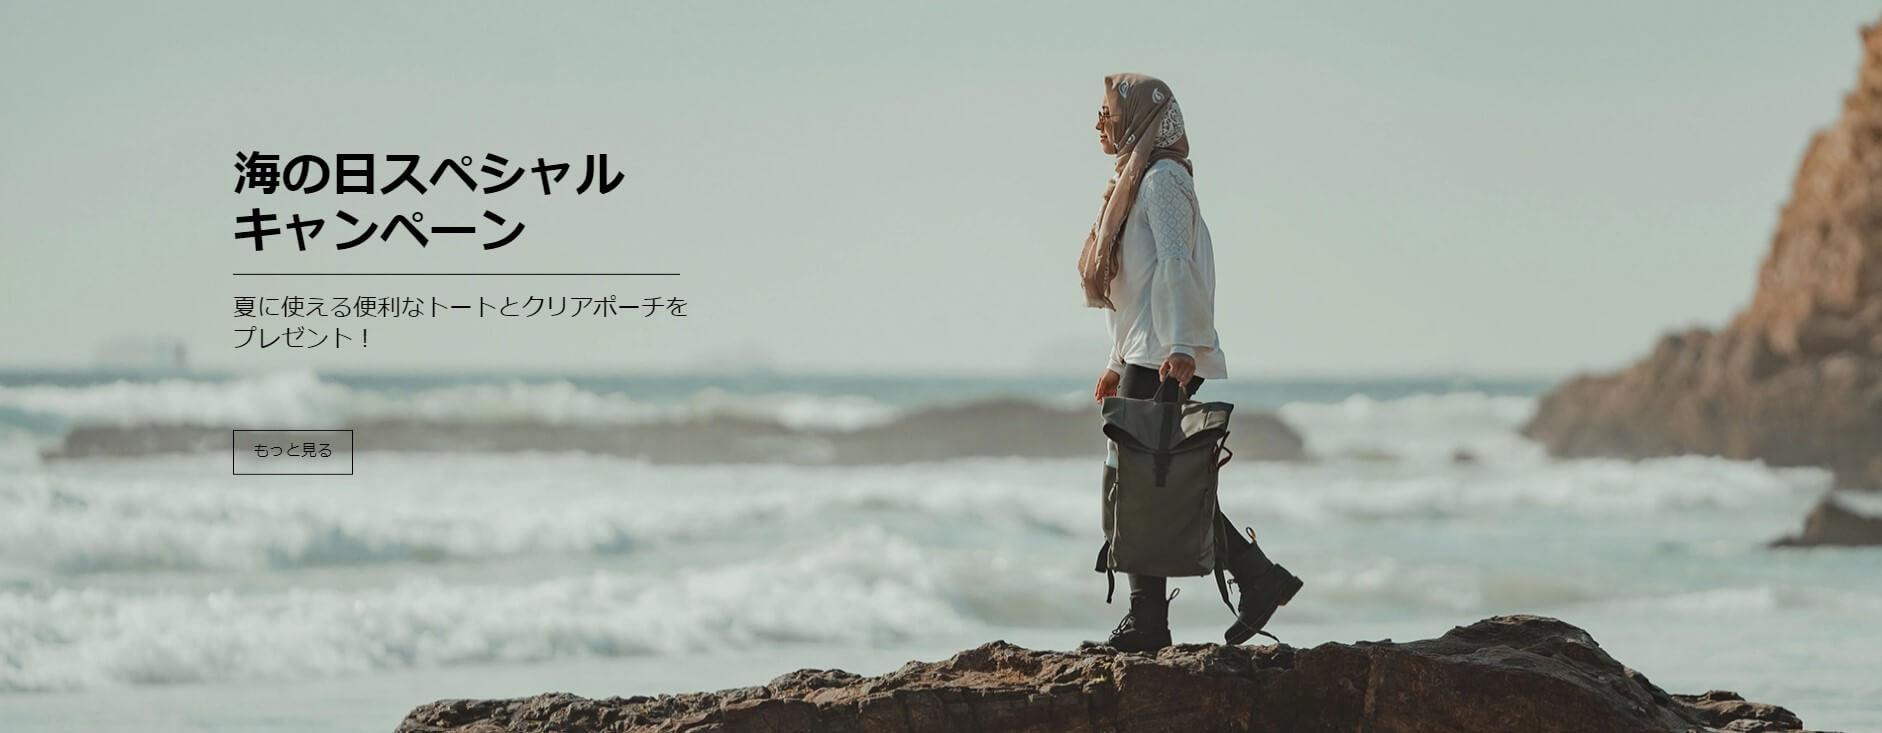 ガストンルーガの海の日スペシャルキャンペーン